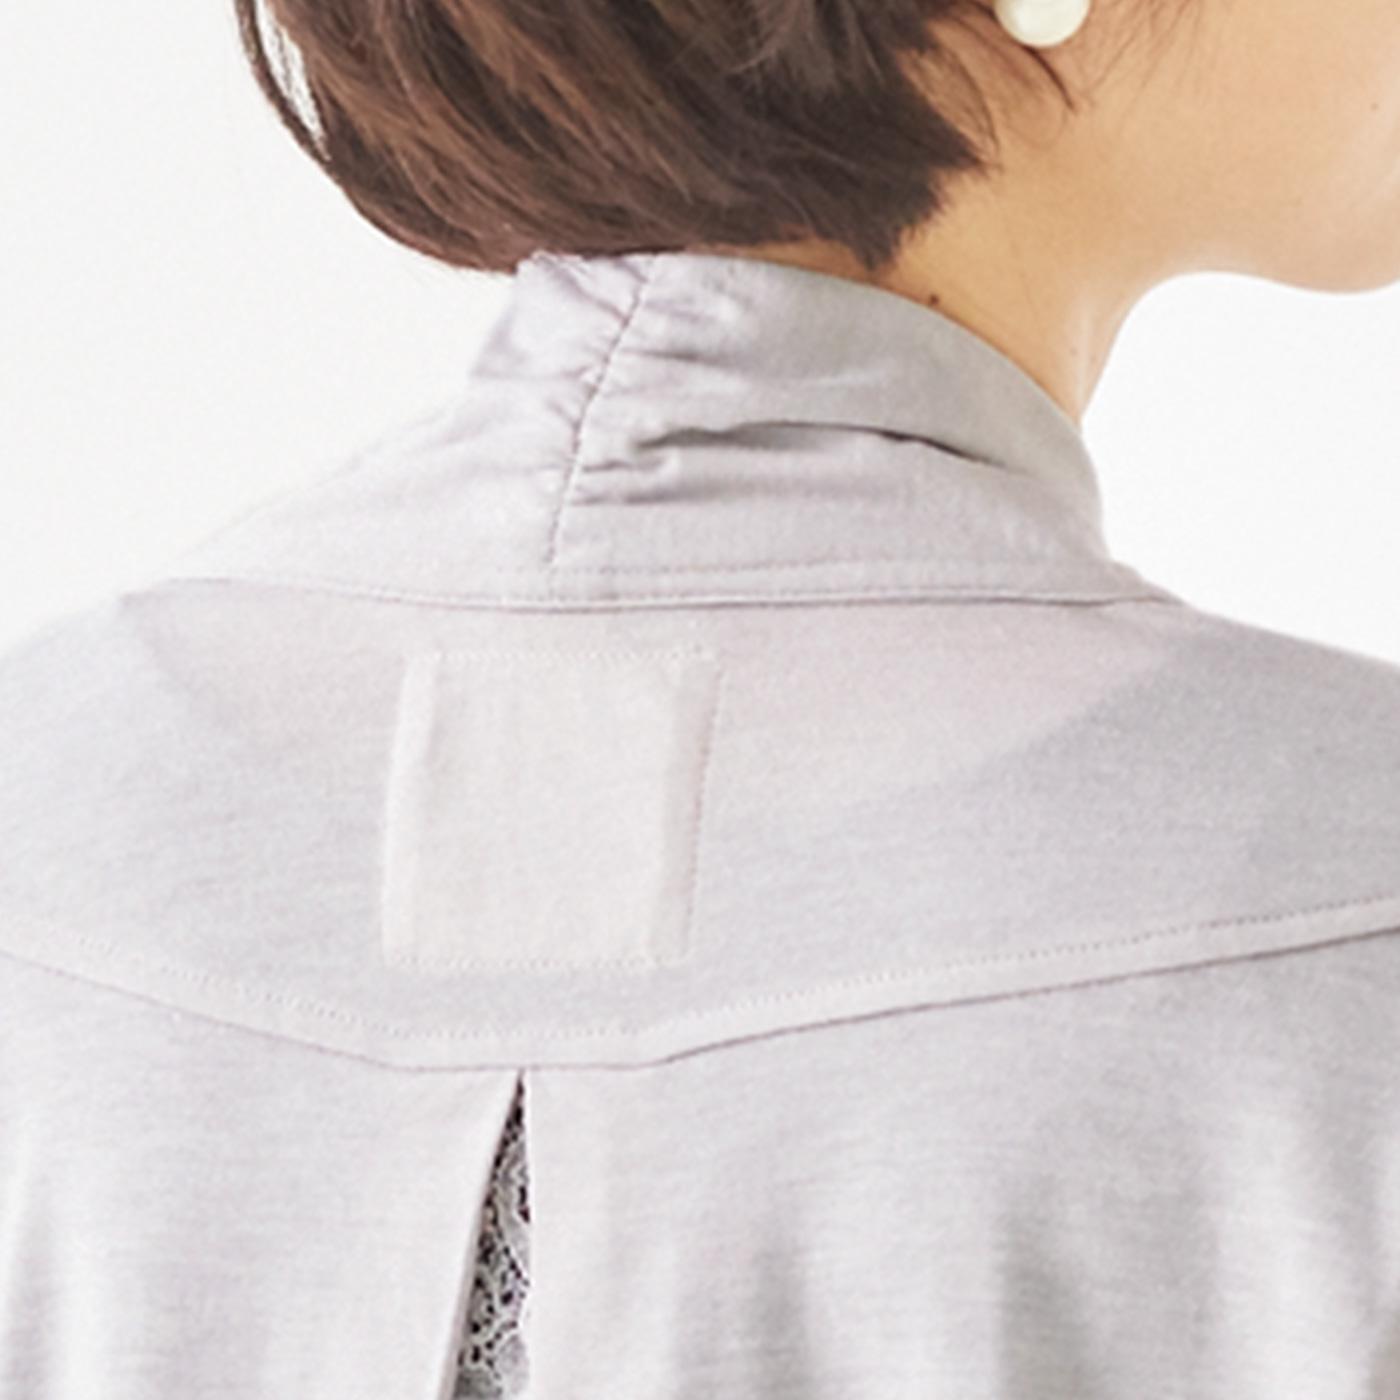 首の後ろはシャーリングの衿が立ち上がり、後ろからの日差しをガード。